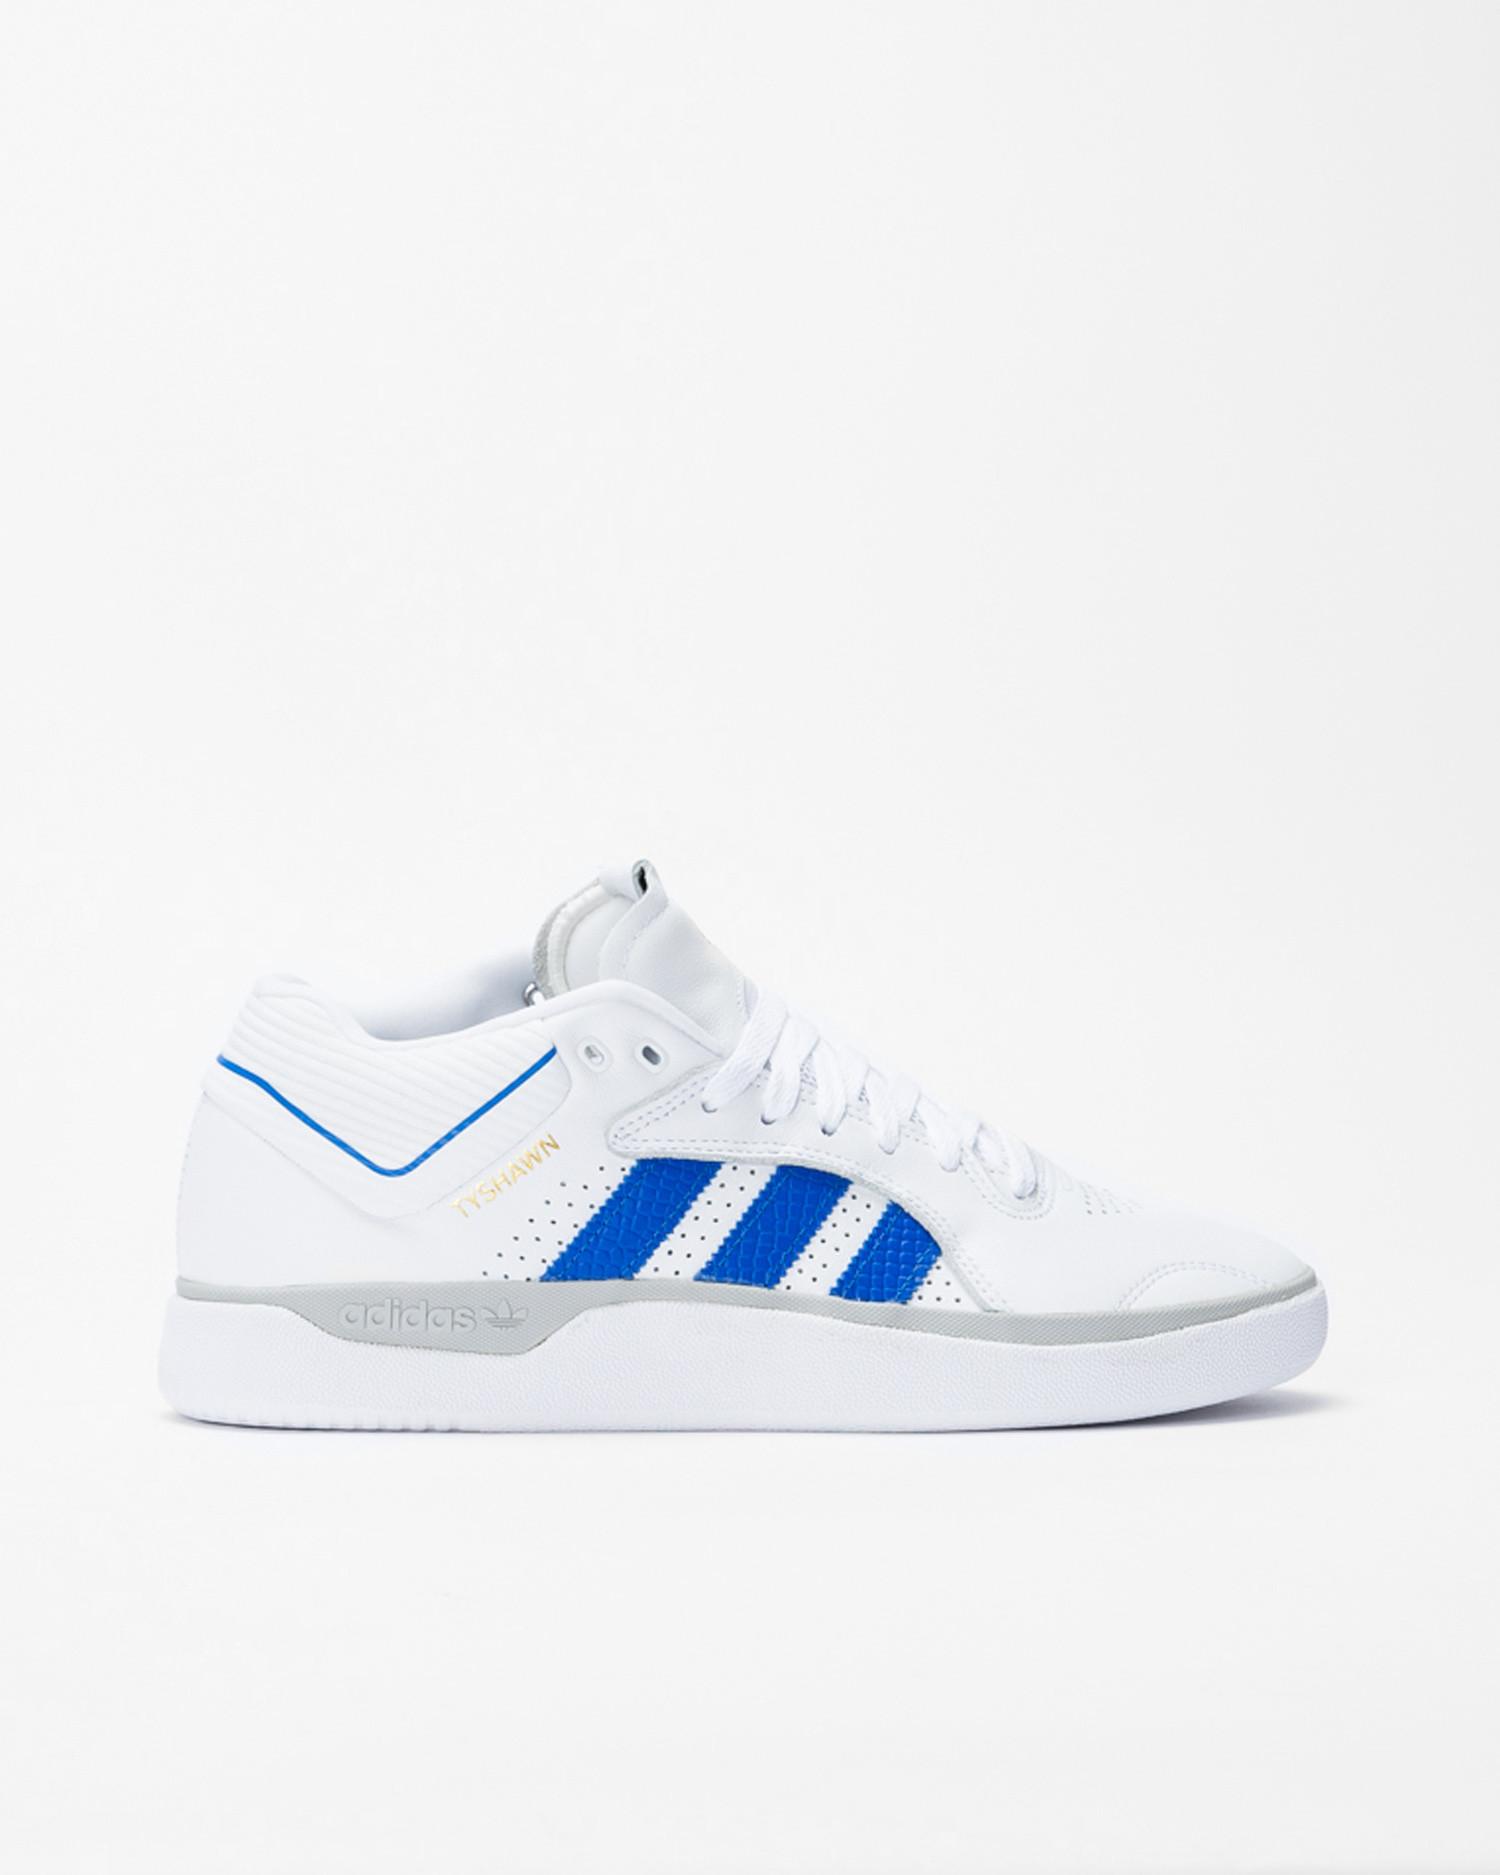 Adidas Tyshawn Footwear White/Blue/Gold